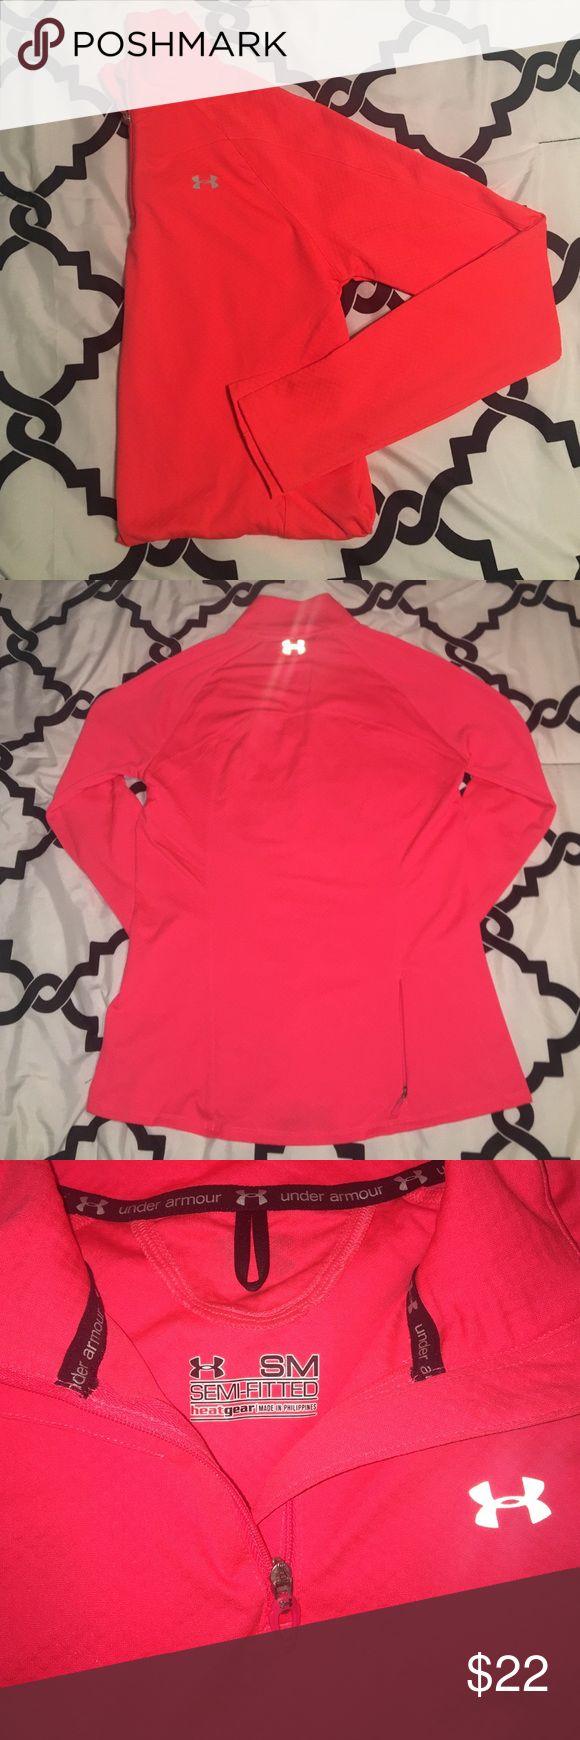 Pink/orange under armour quarterzip running jacket Pink/orange dri-fit her gear under armour quarter-zip running jacket. Under Armour Jackets & Coats